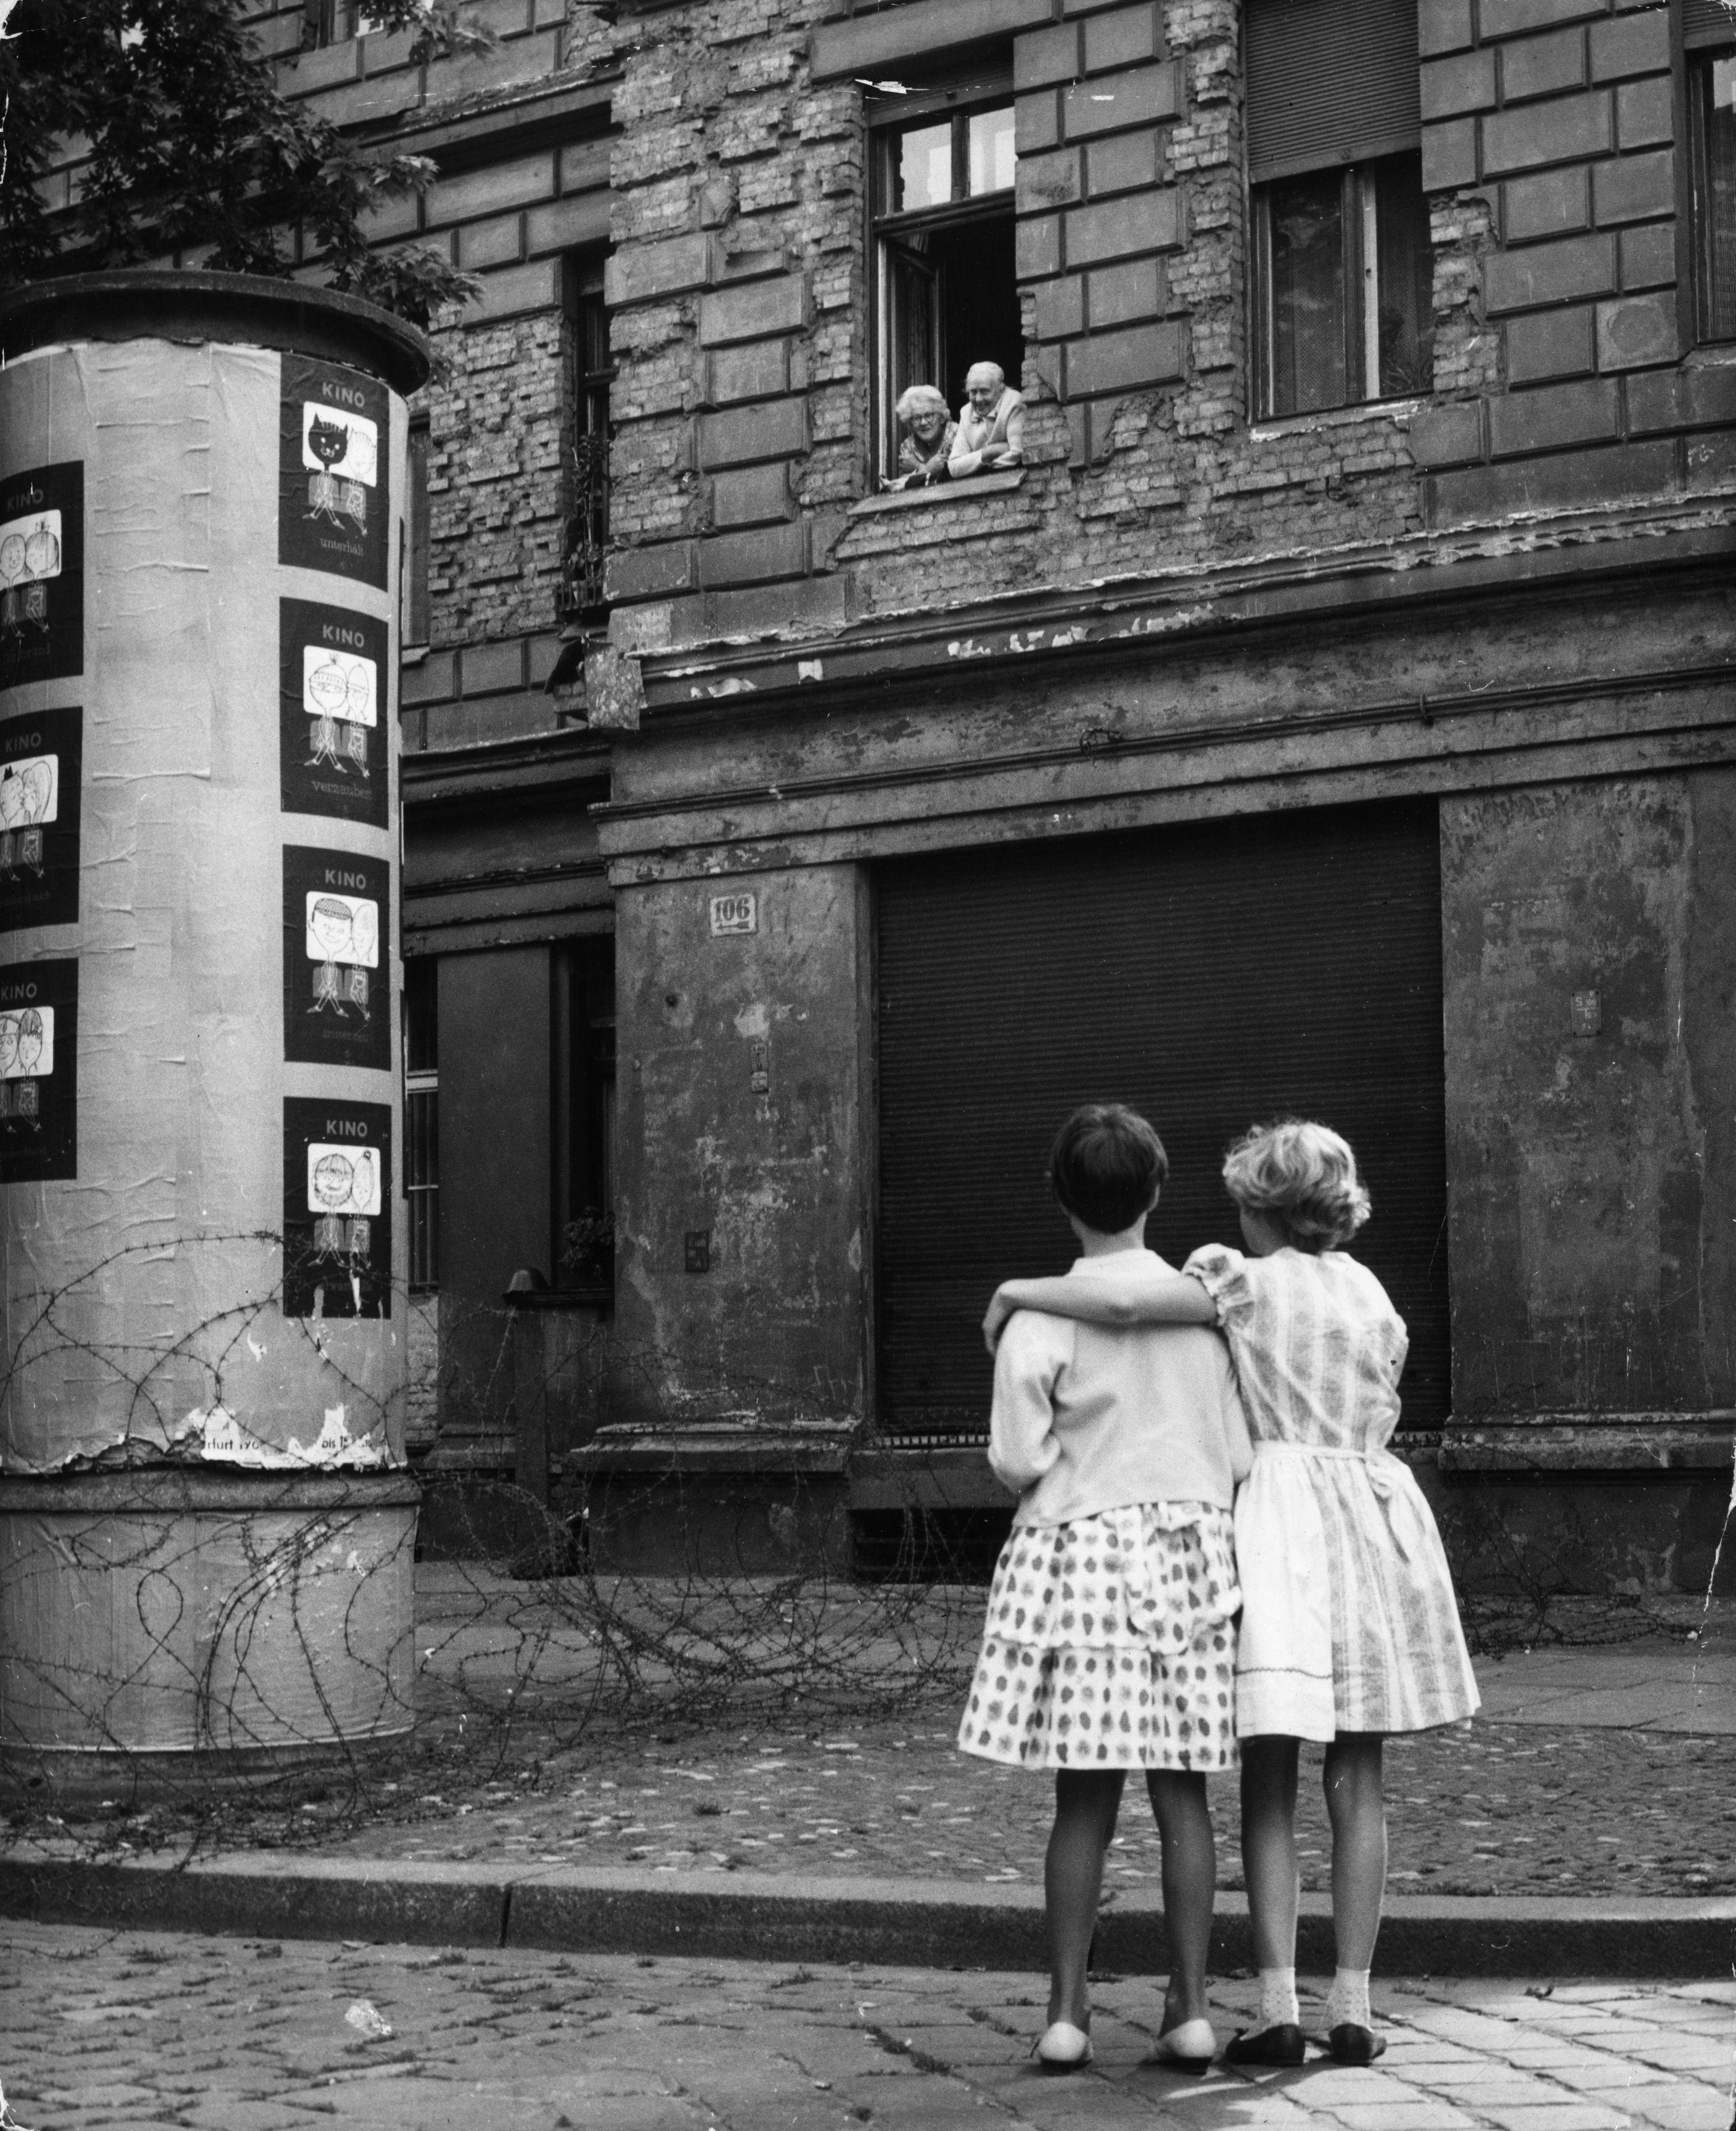 <p><strong>14 август 1961 г.</strong></p>  <p>Две момиченца стоят на западногерманска улица и разговарят с бабата и дядото си, които са застанали на прозореца на дома им, който се намира в източната част. Семейството е разделено от бодливата тел.</p>  <p>&nbsp;</p>